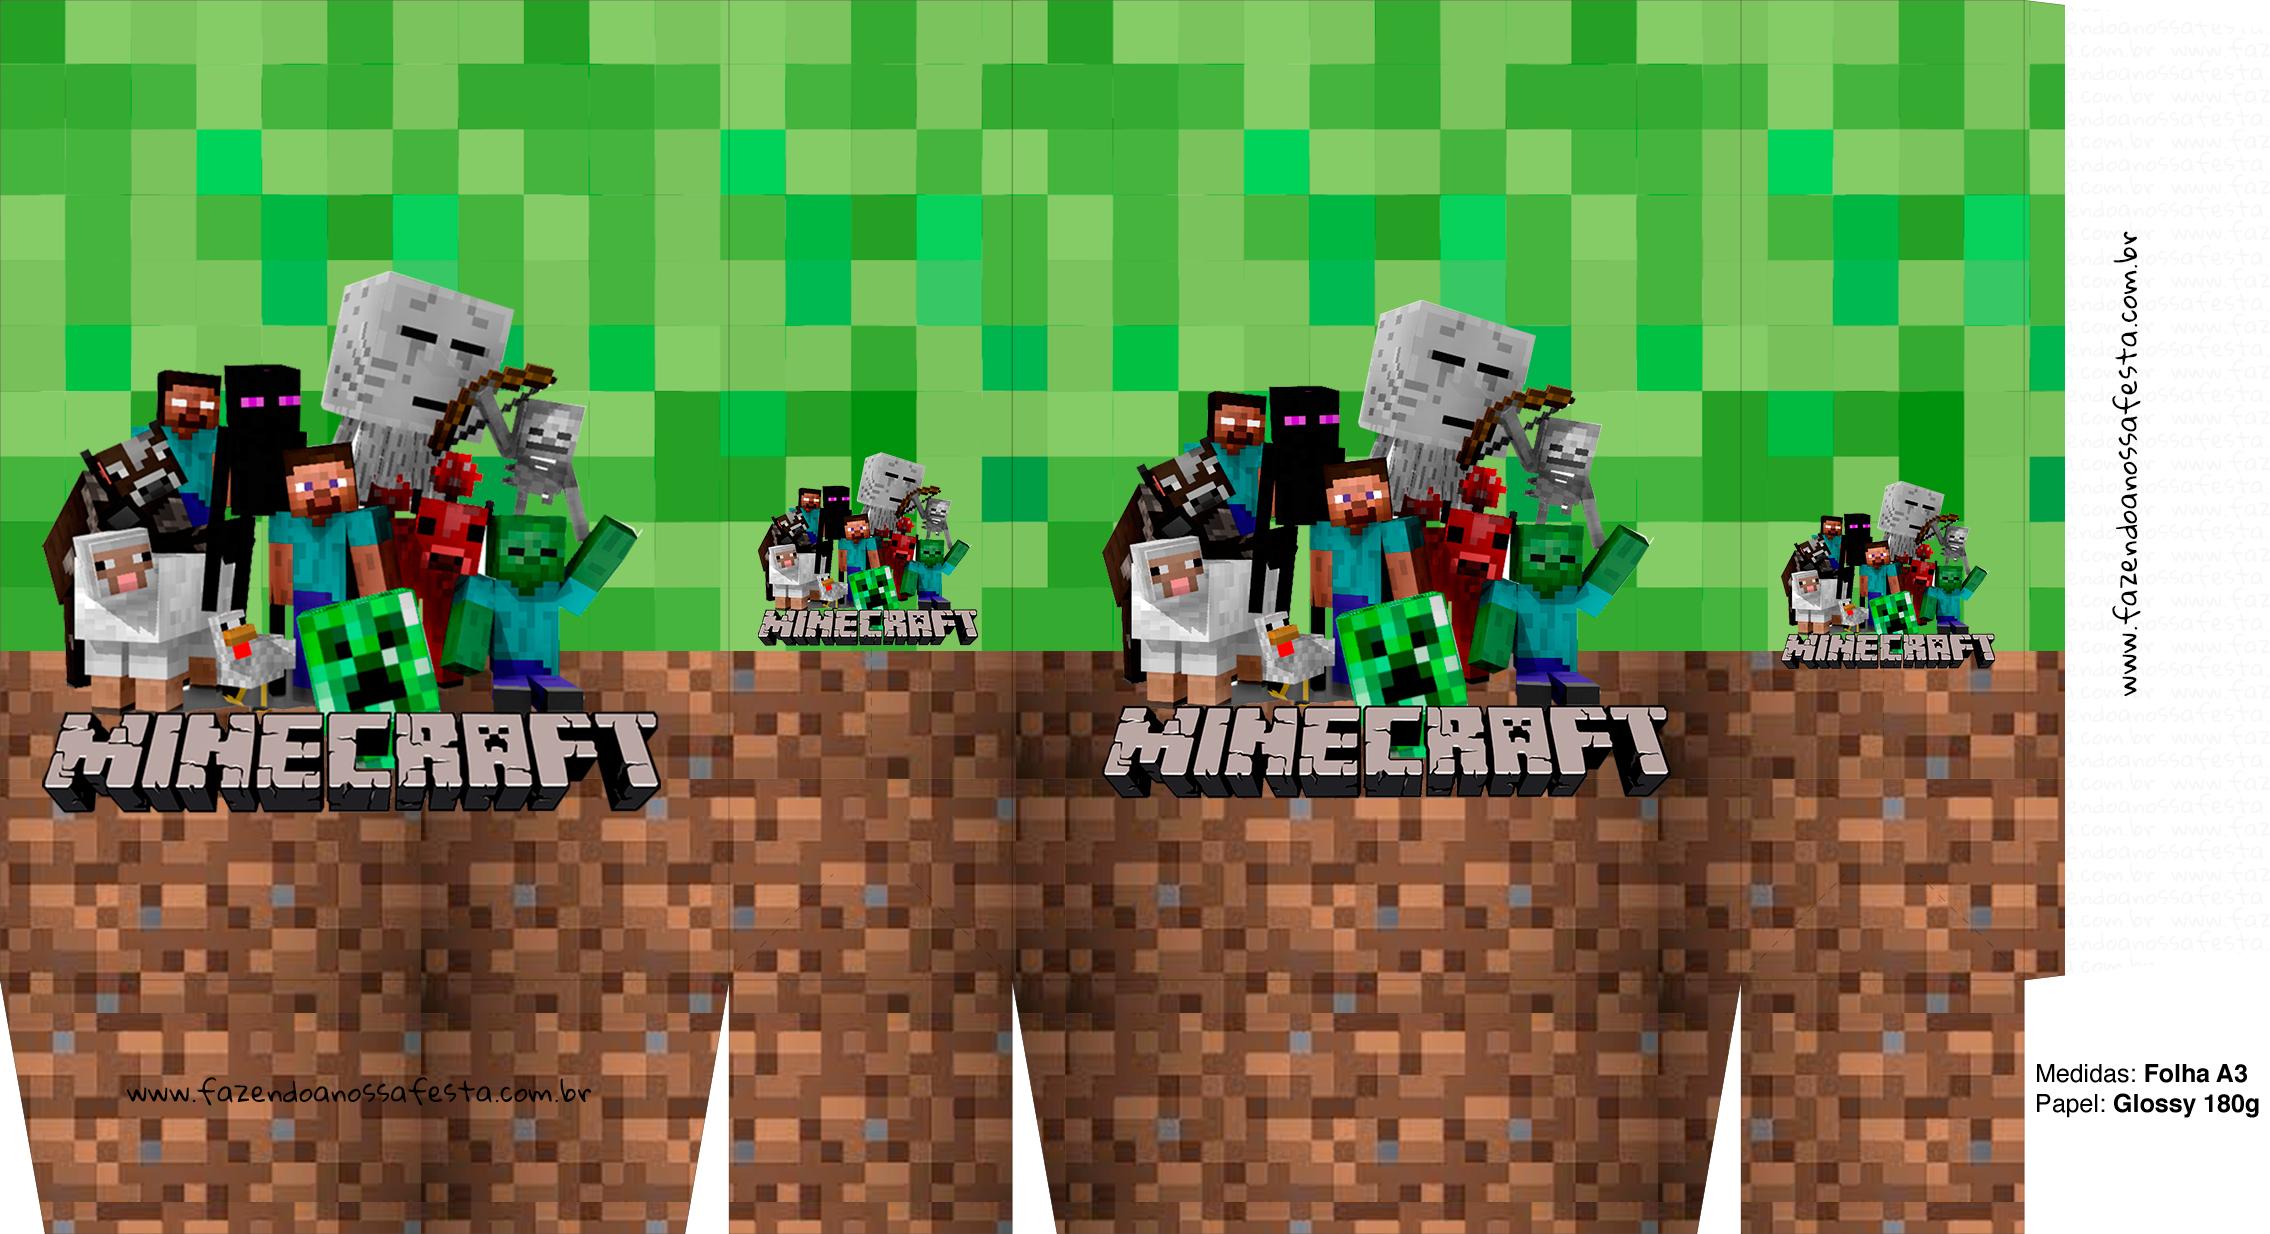 Letras Minegraft Fazendo A Nossa Festa: Sacolinha Surpresa Minecraft A3 2